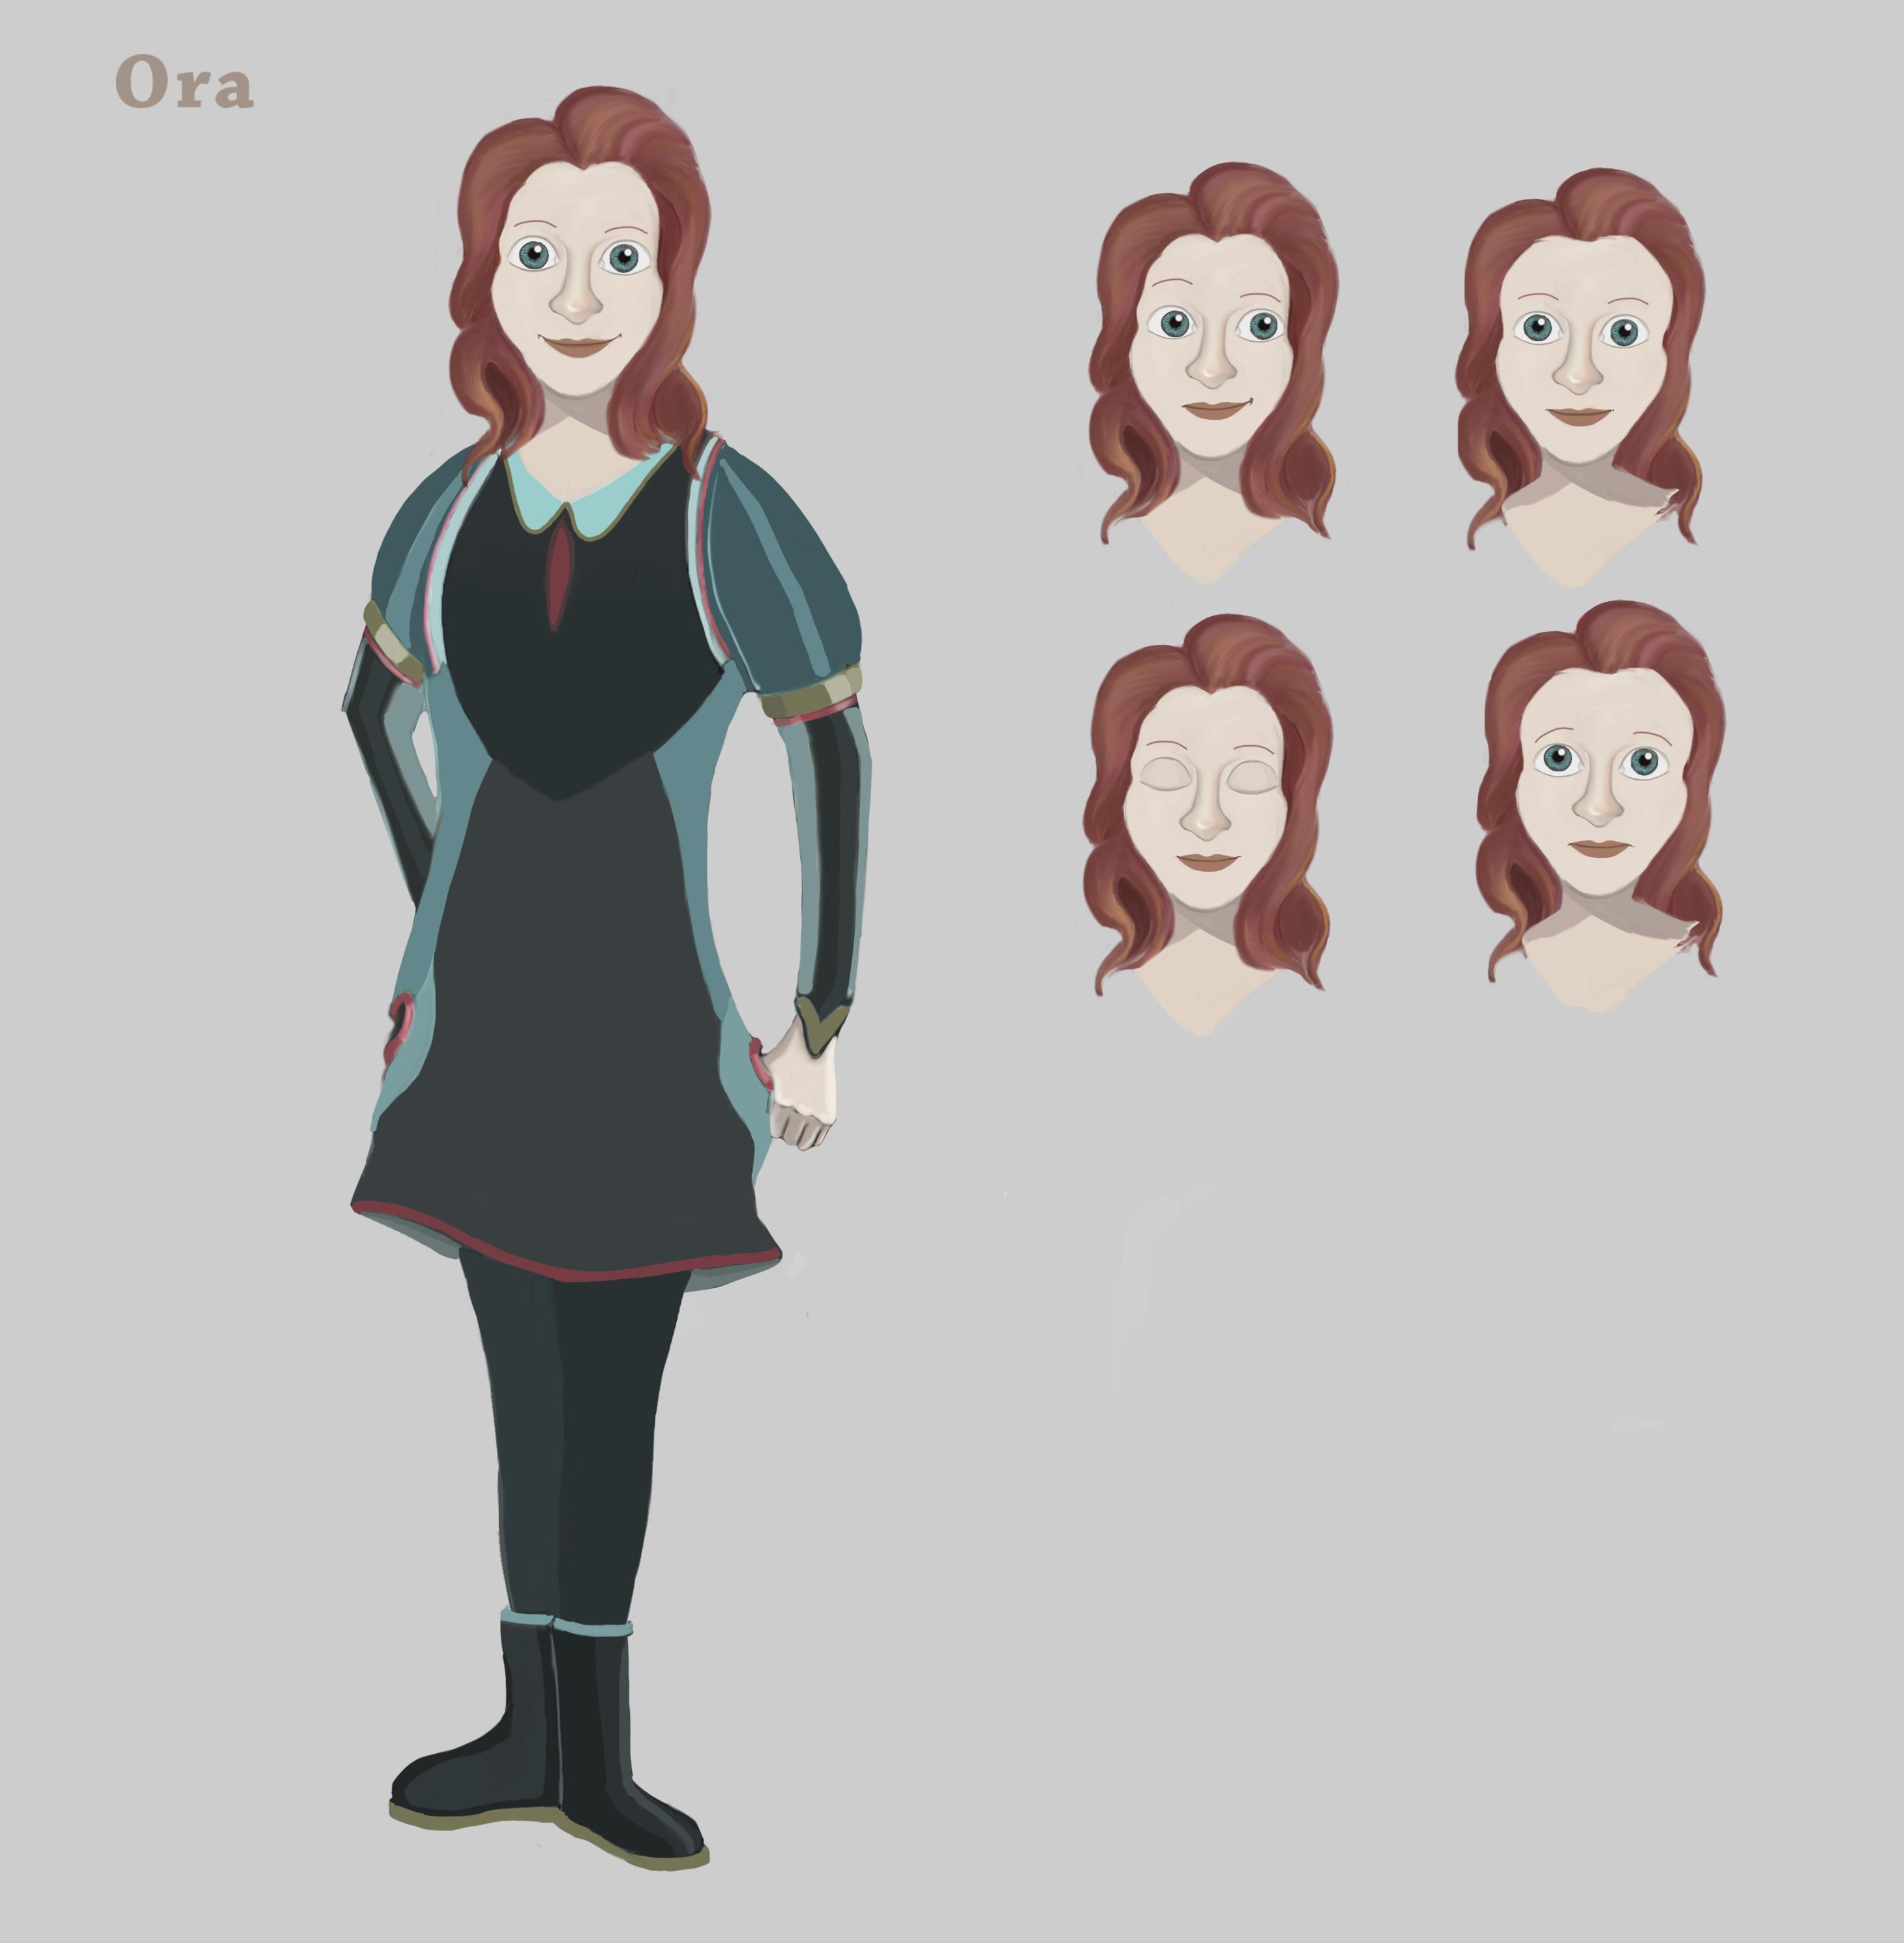 Ora character sheet